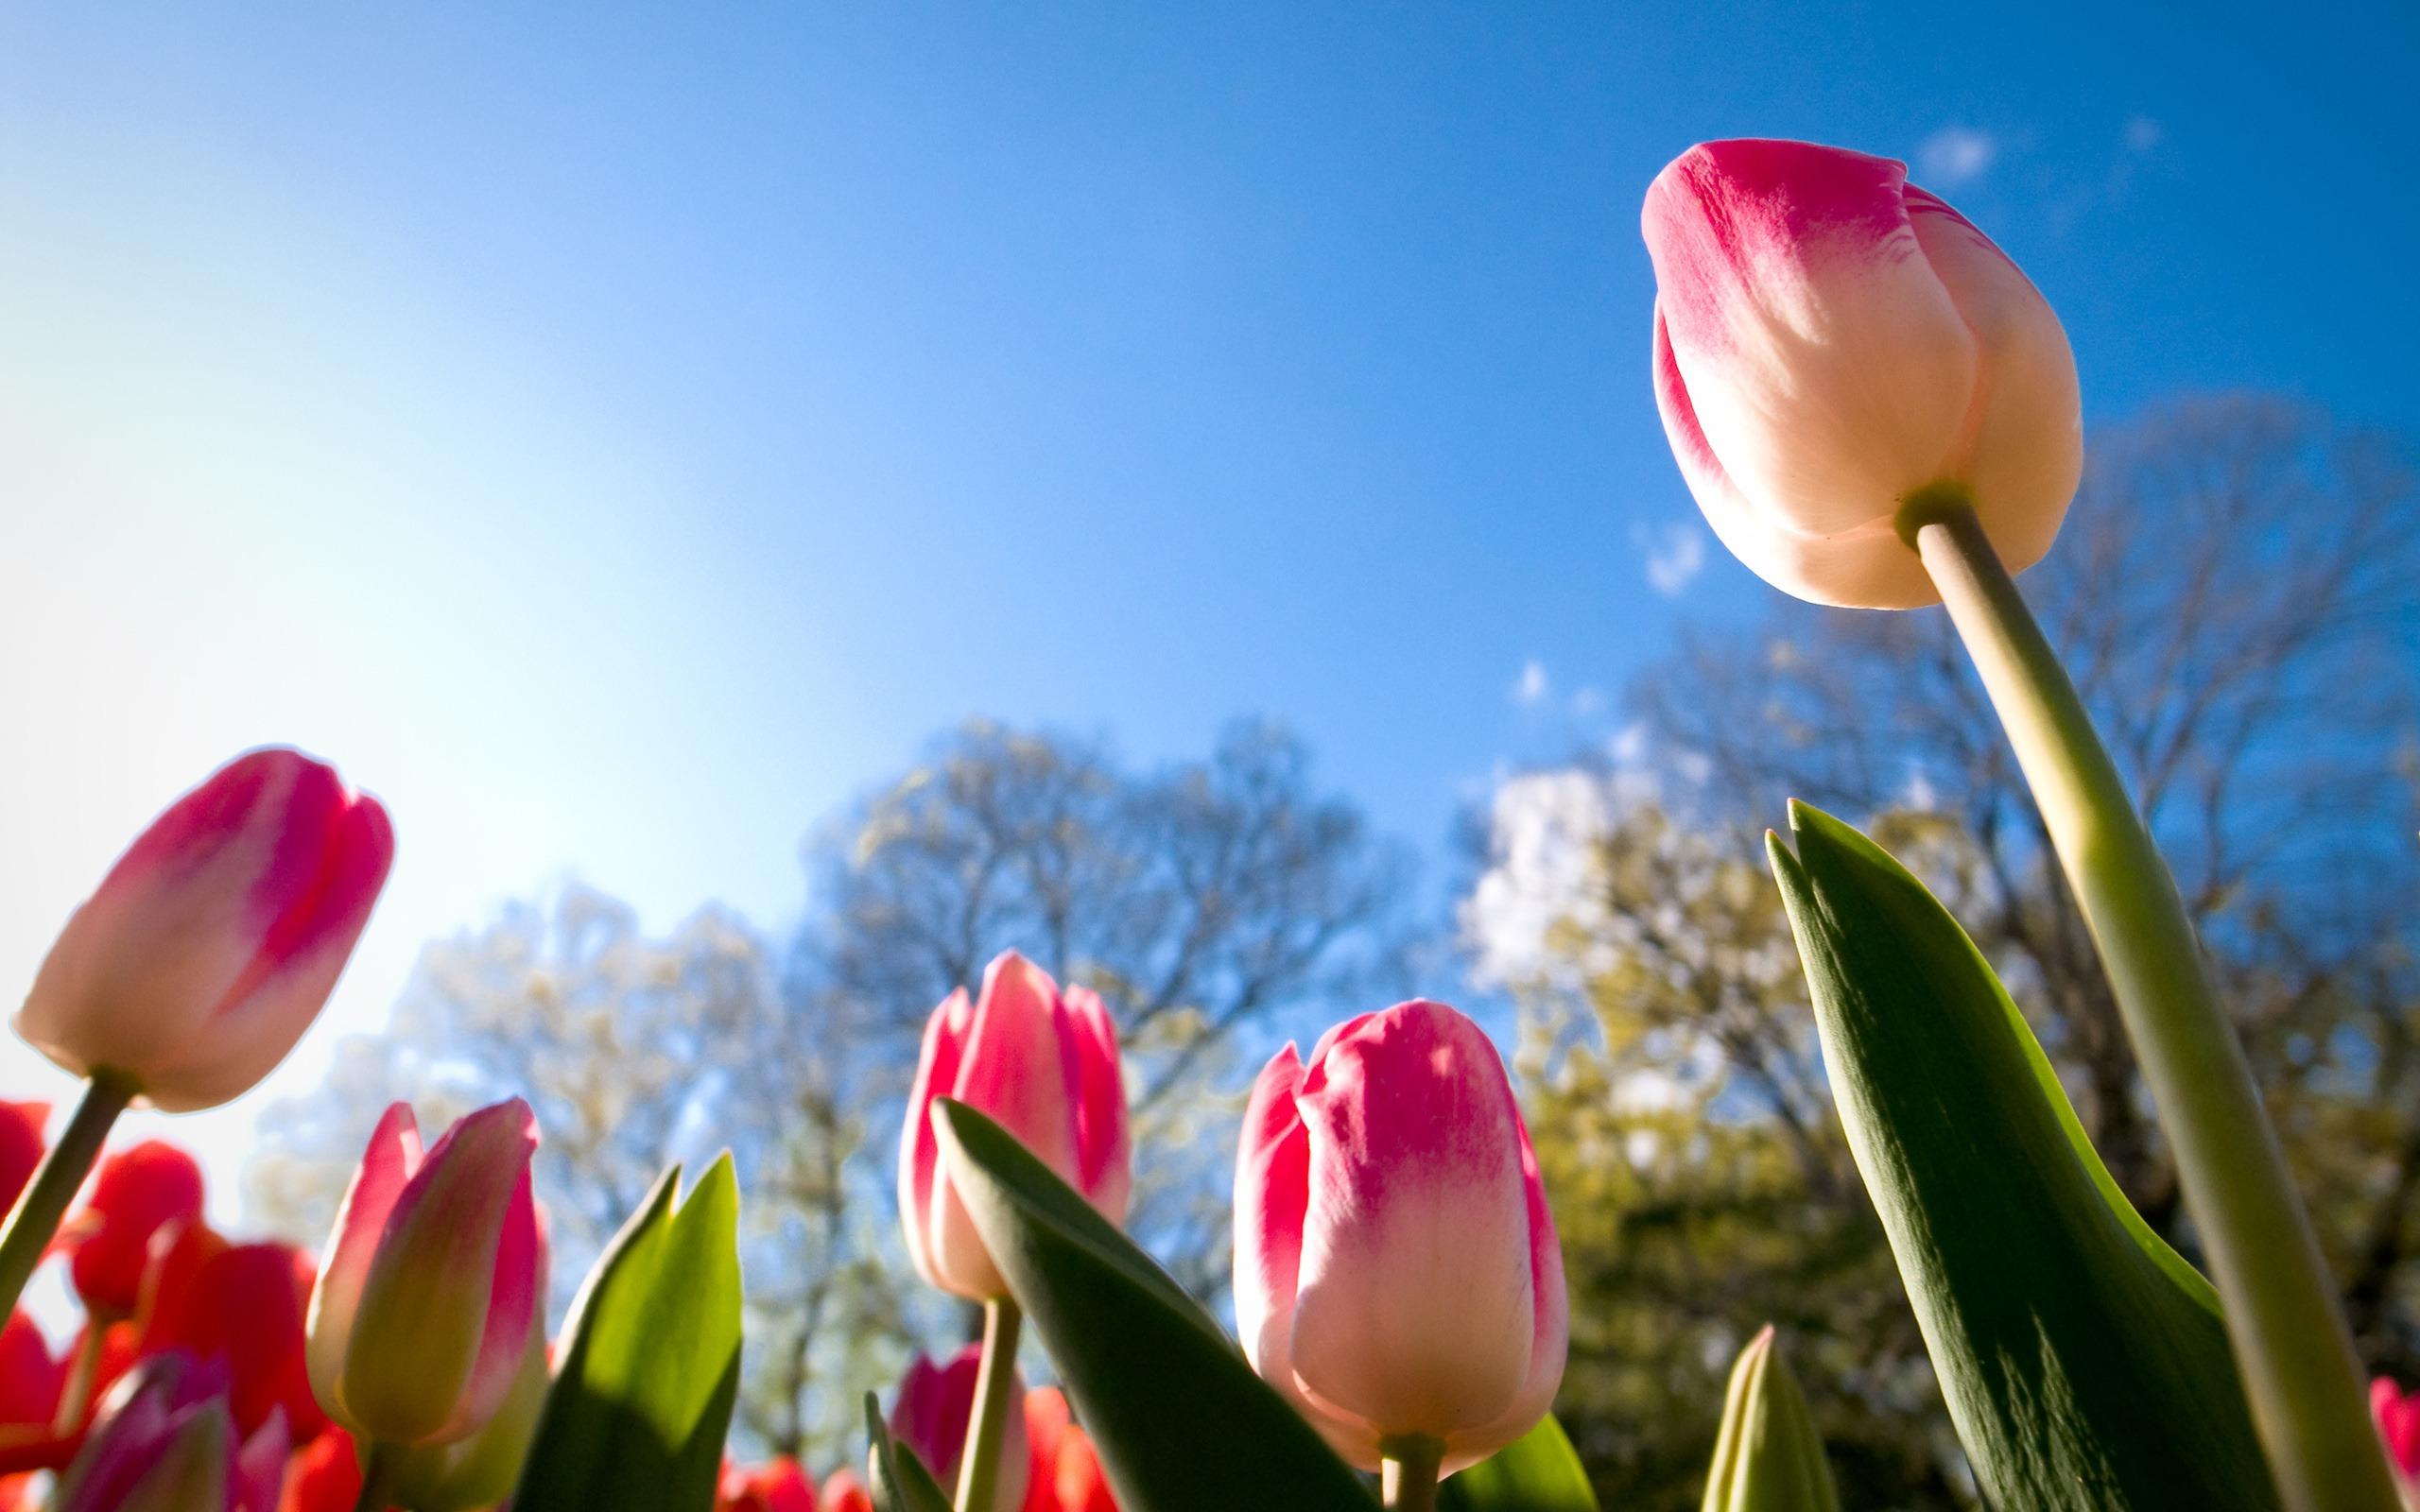 hinh nen hoa tulip 5